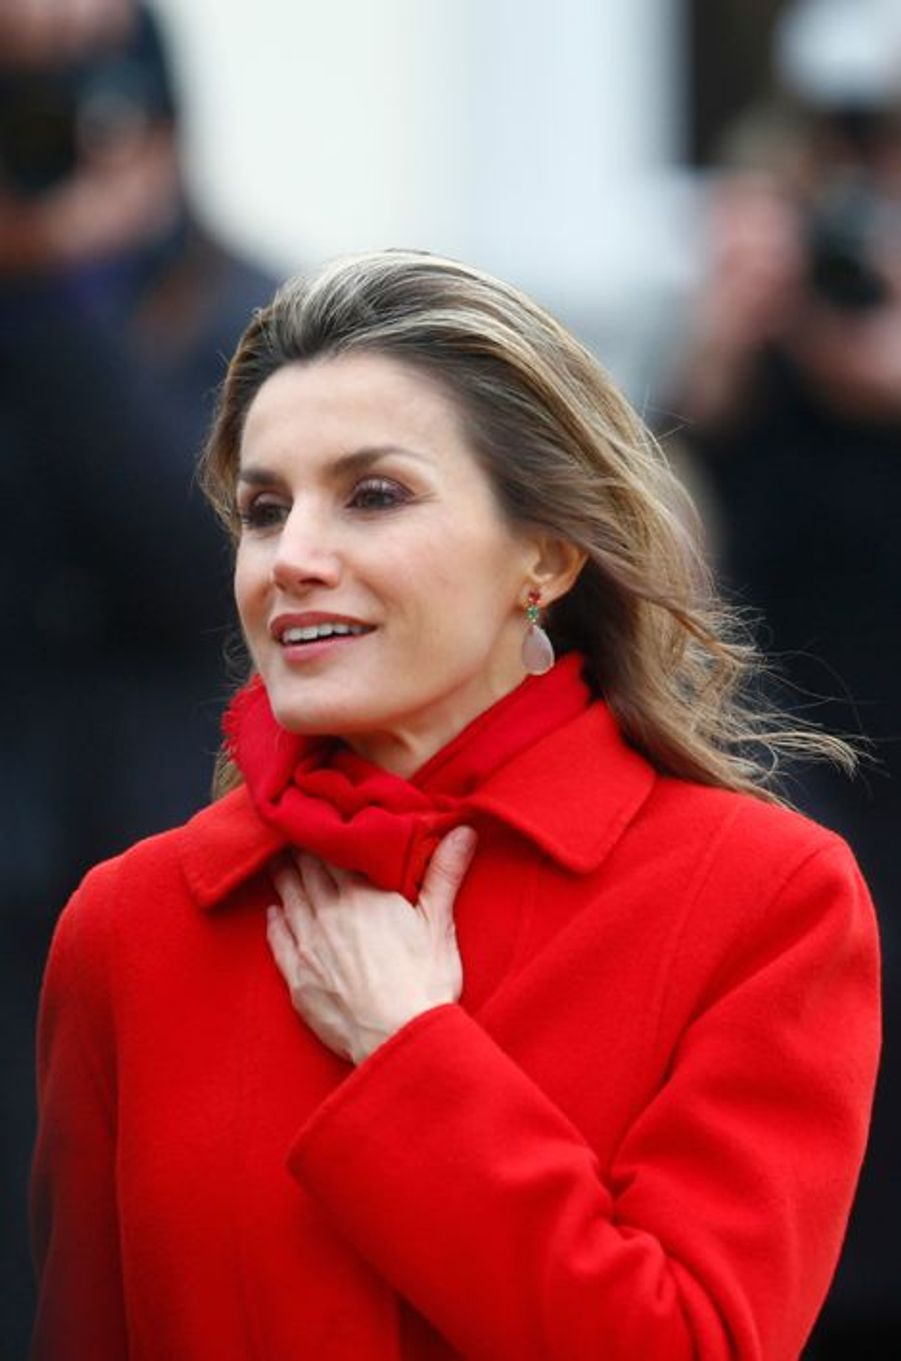 La reine Letizia d'Espagne à Berlin, le 1er décembre 2014